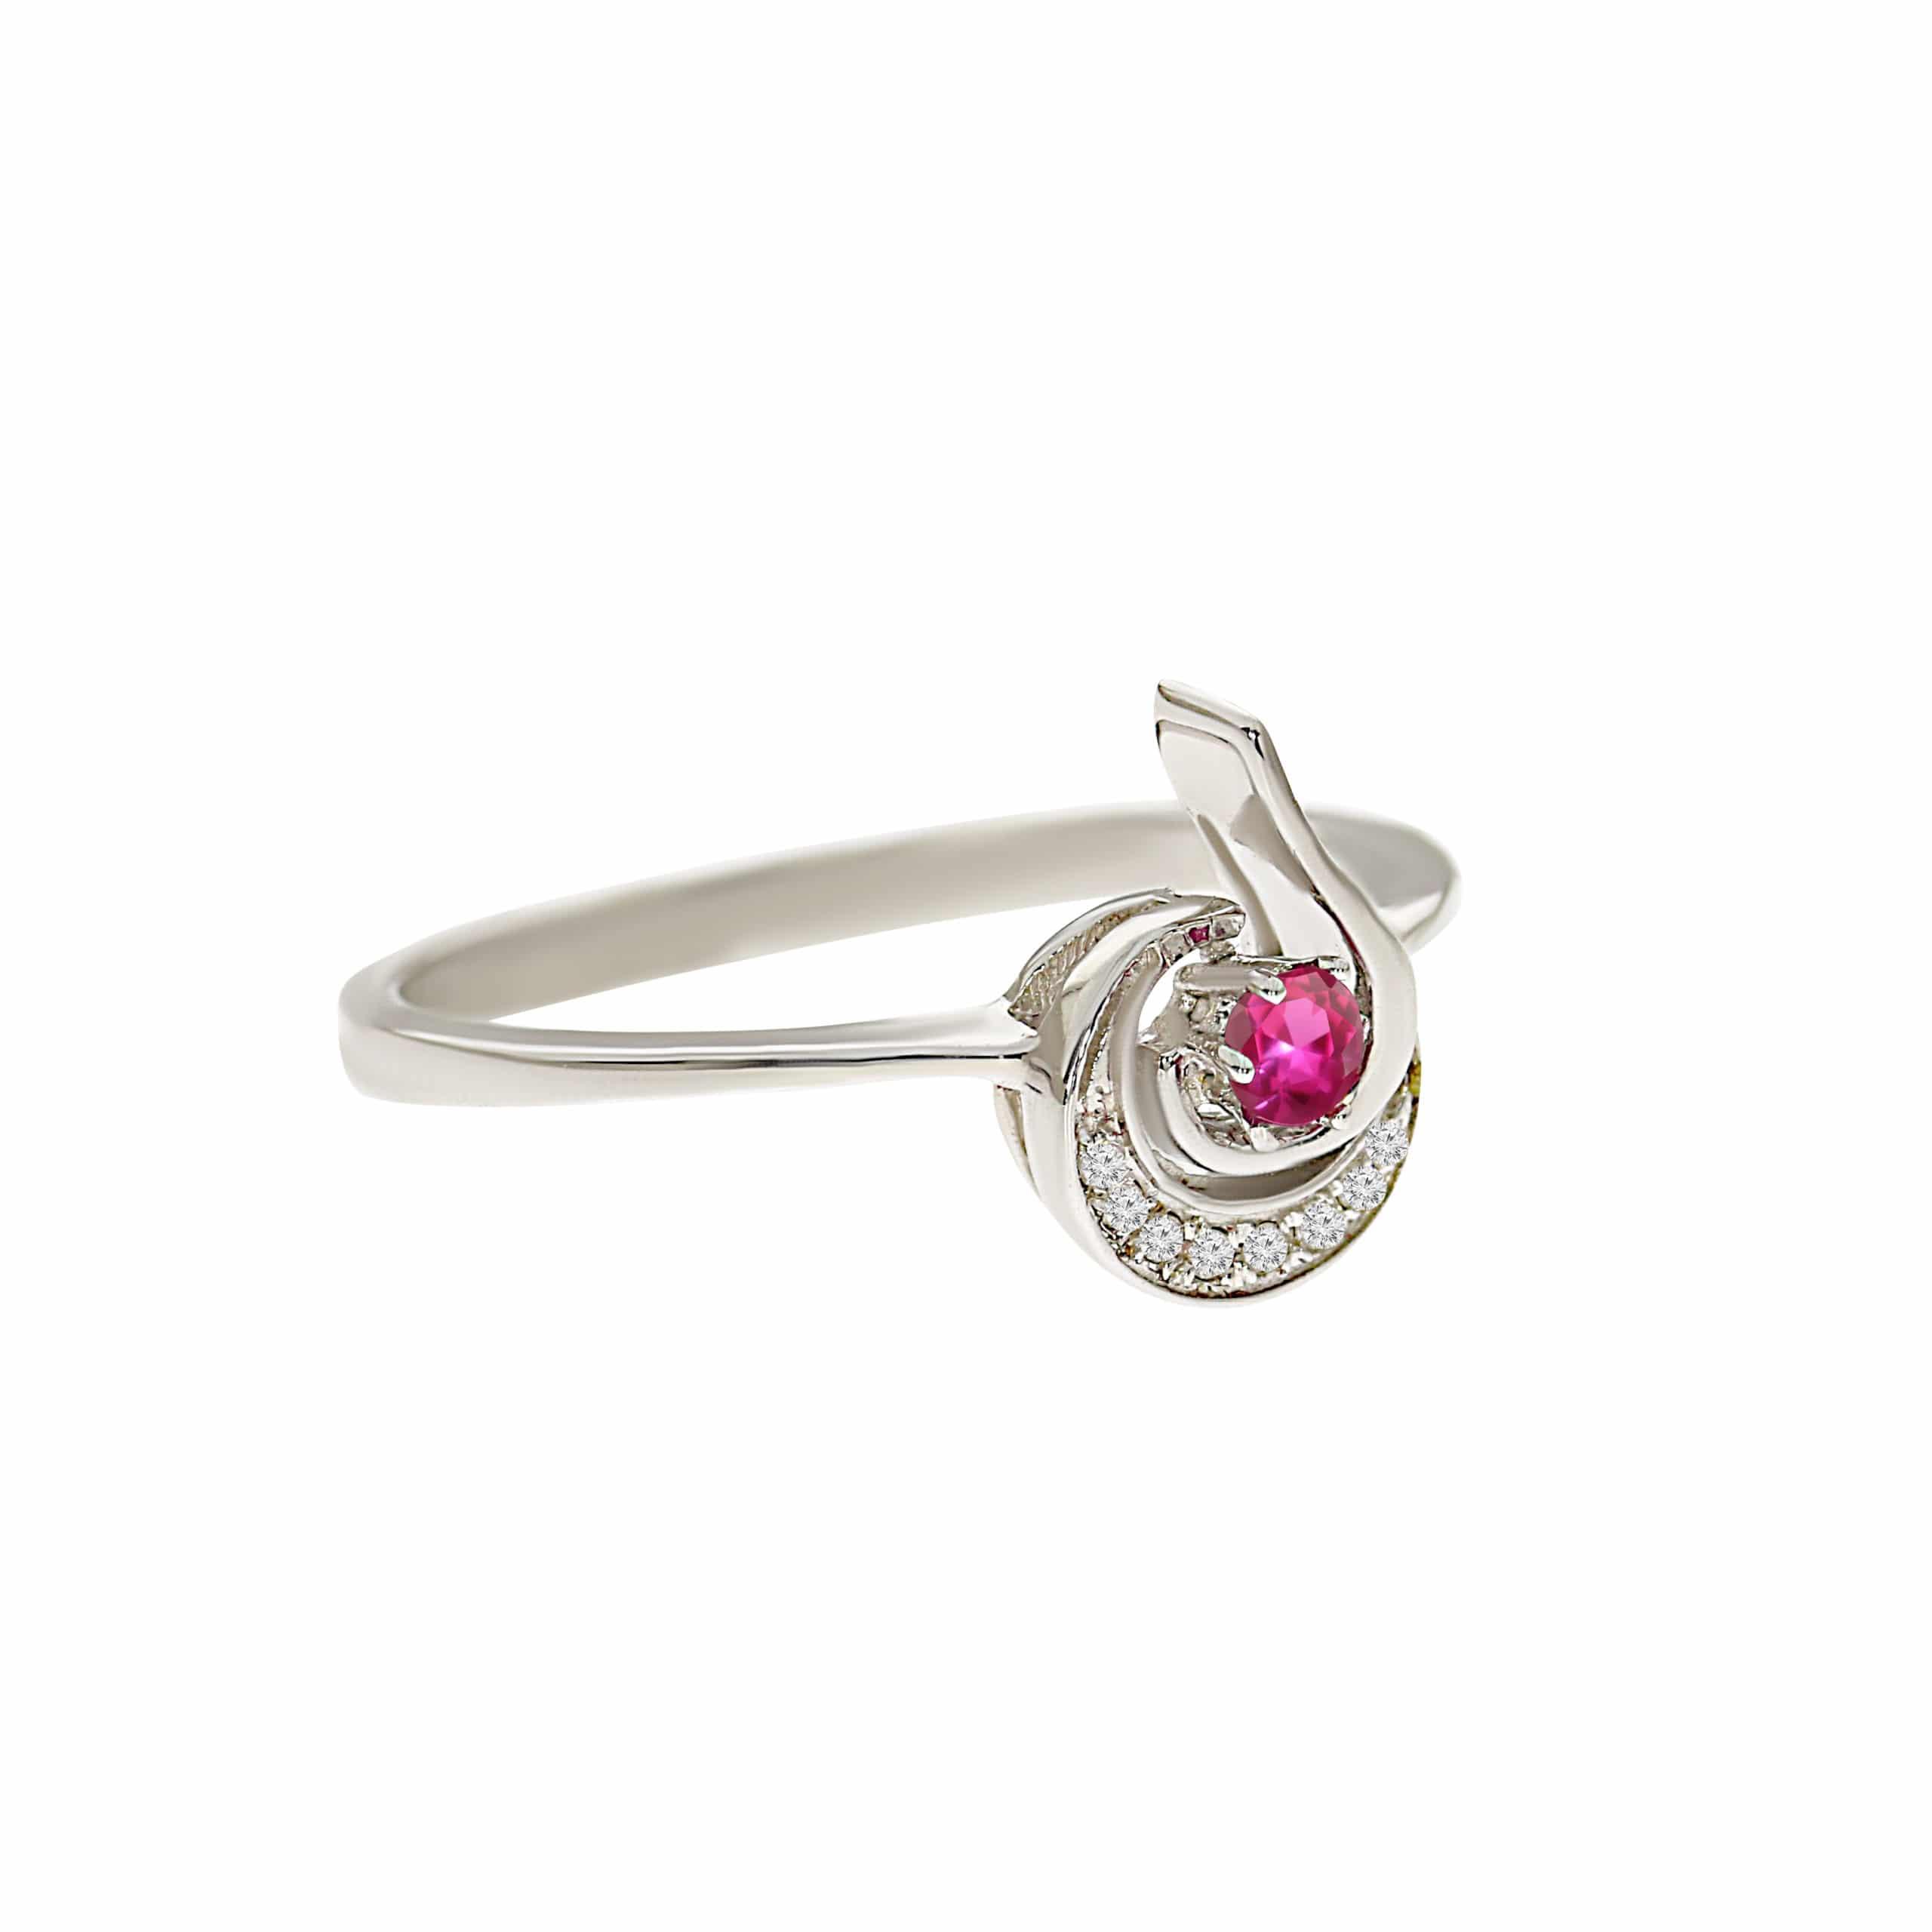 טבעת אבן רובי 0.10 קראט, זהב -לבן 14 קראט, בשיבוץ יהלומים